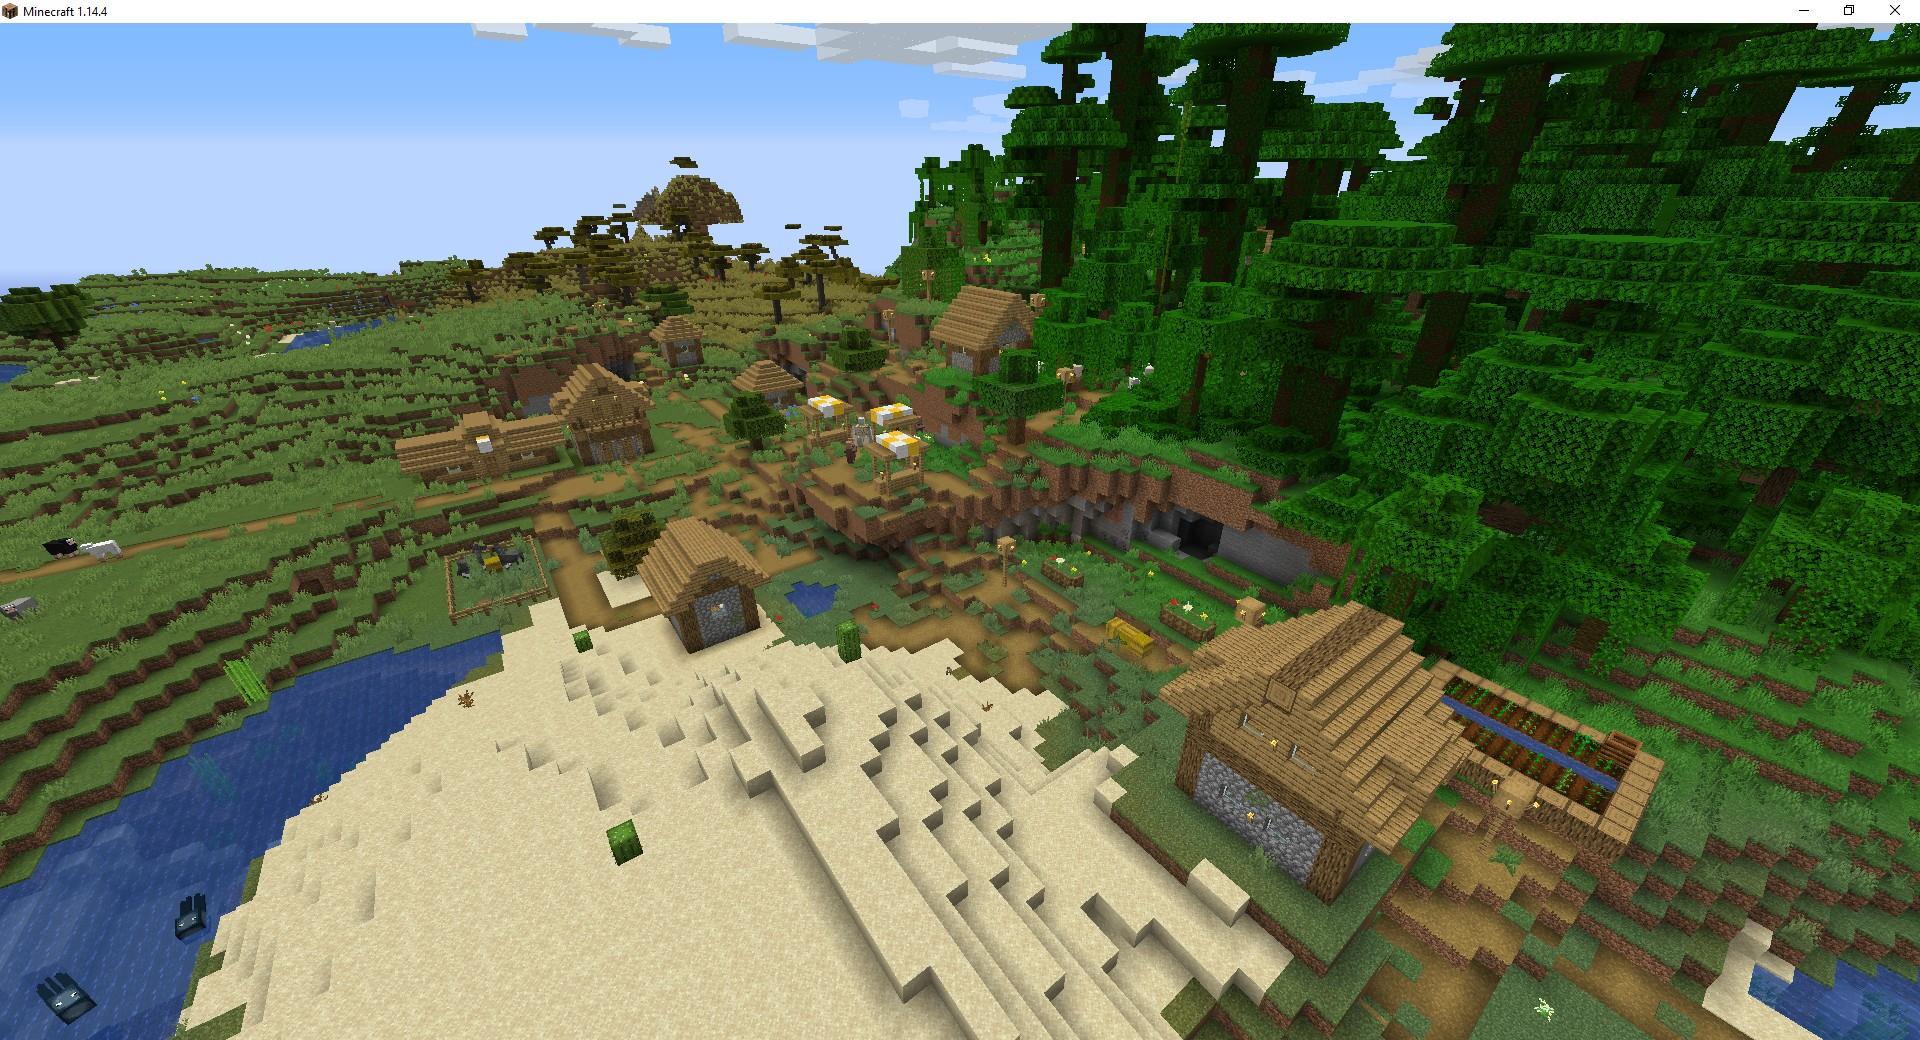 как создать новый мир с деревней в майнкрафте #9